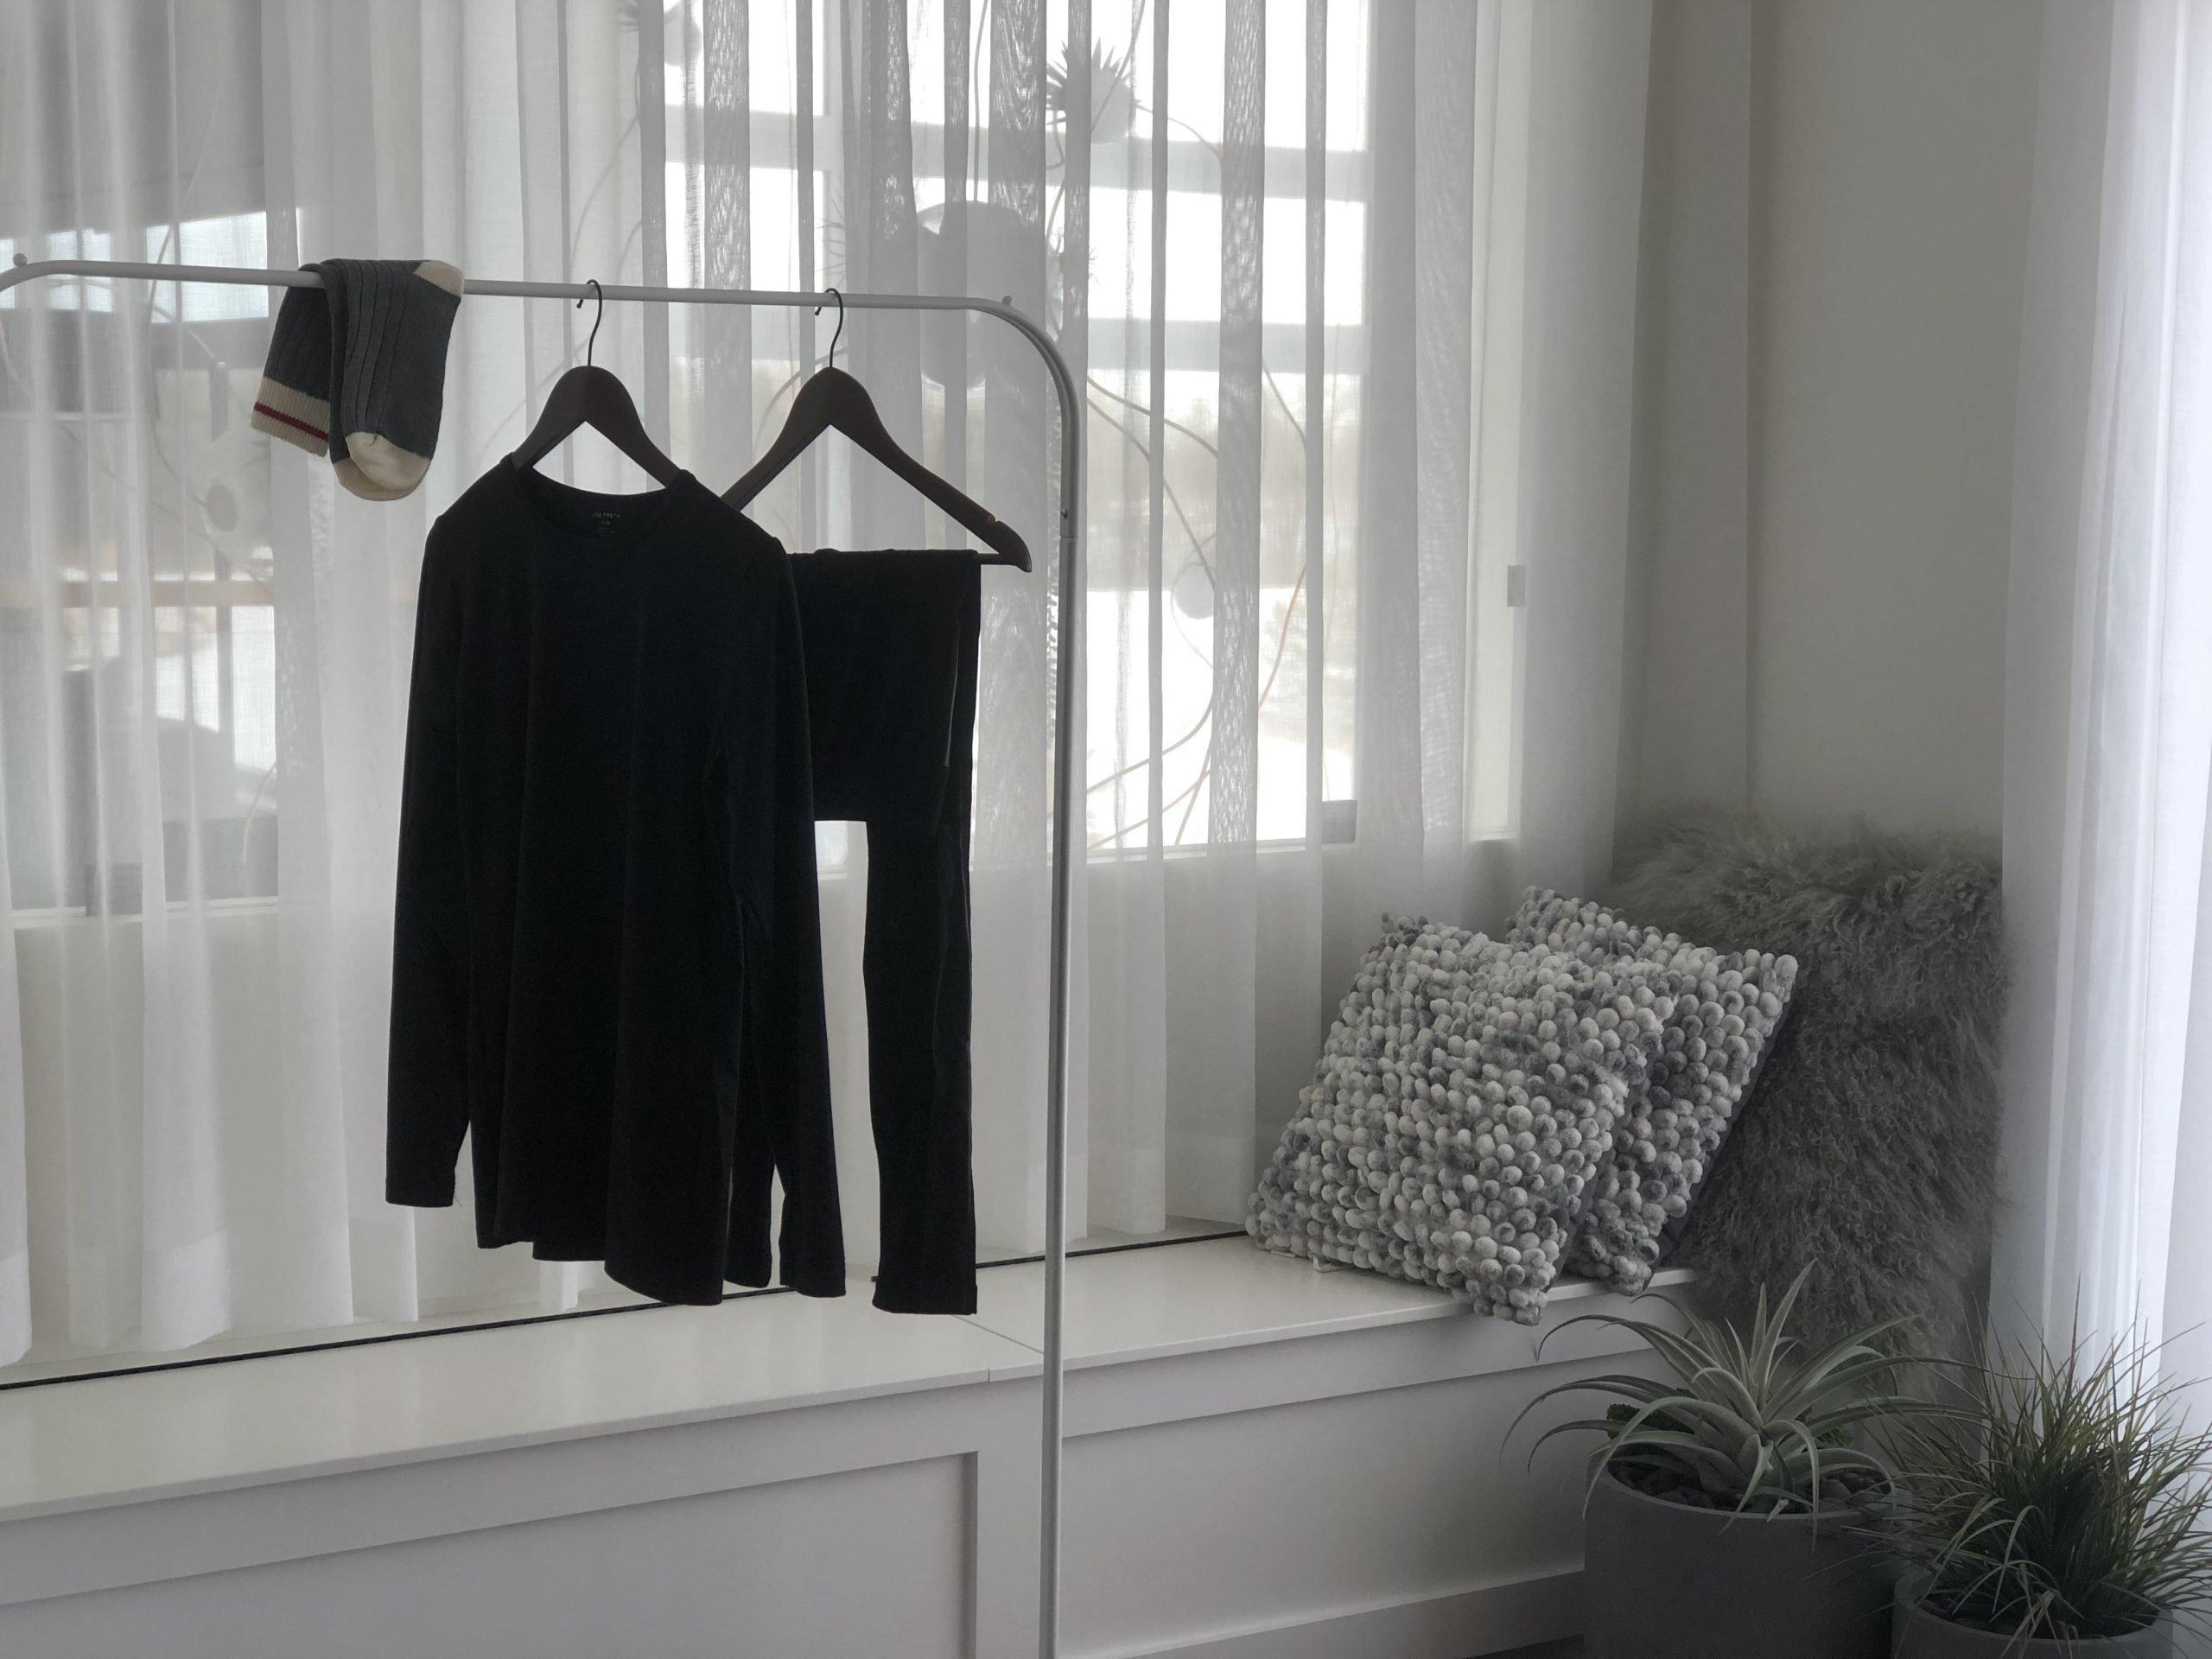 Merino thermal leggings and tops